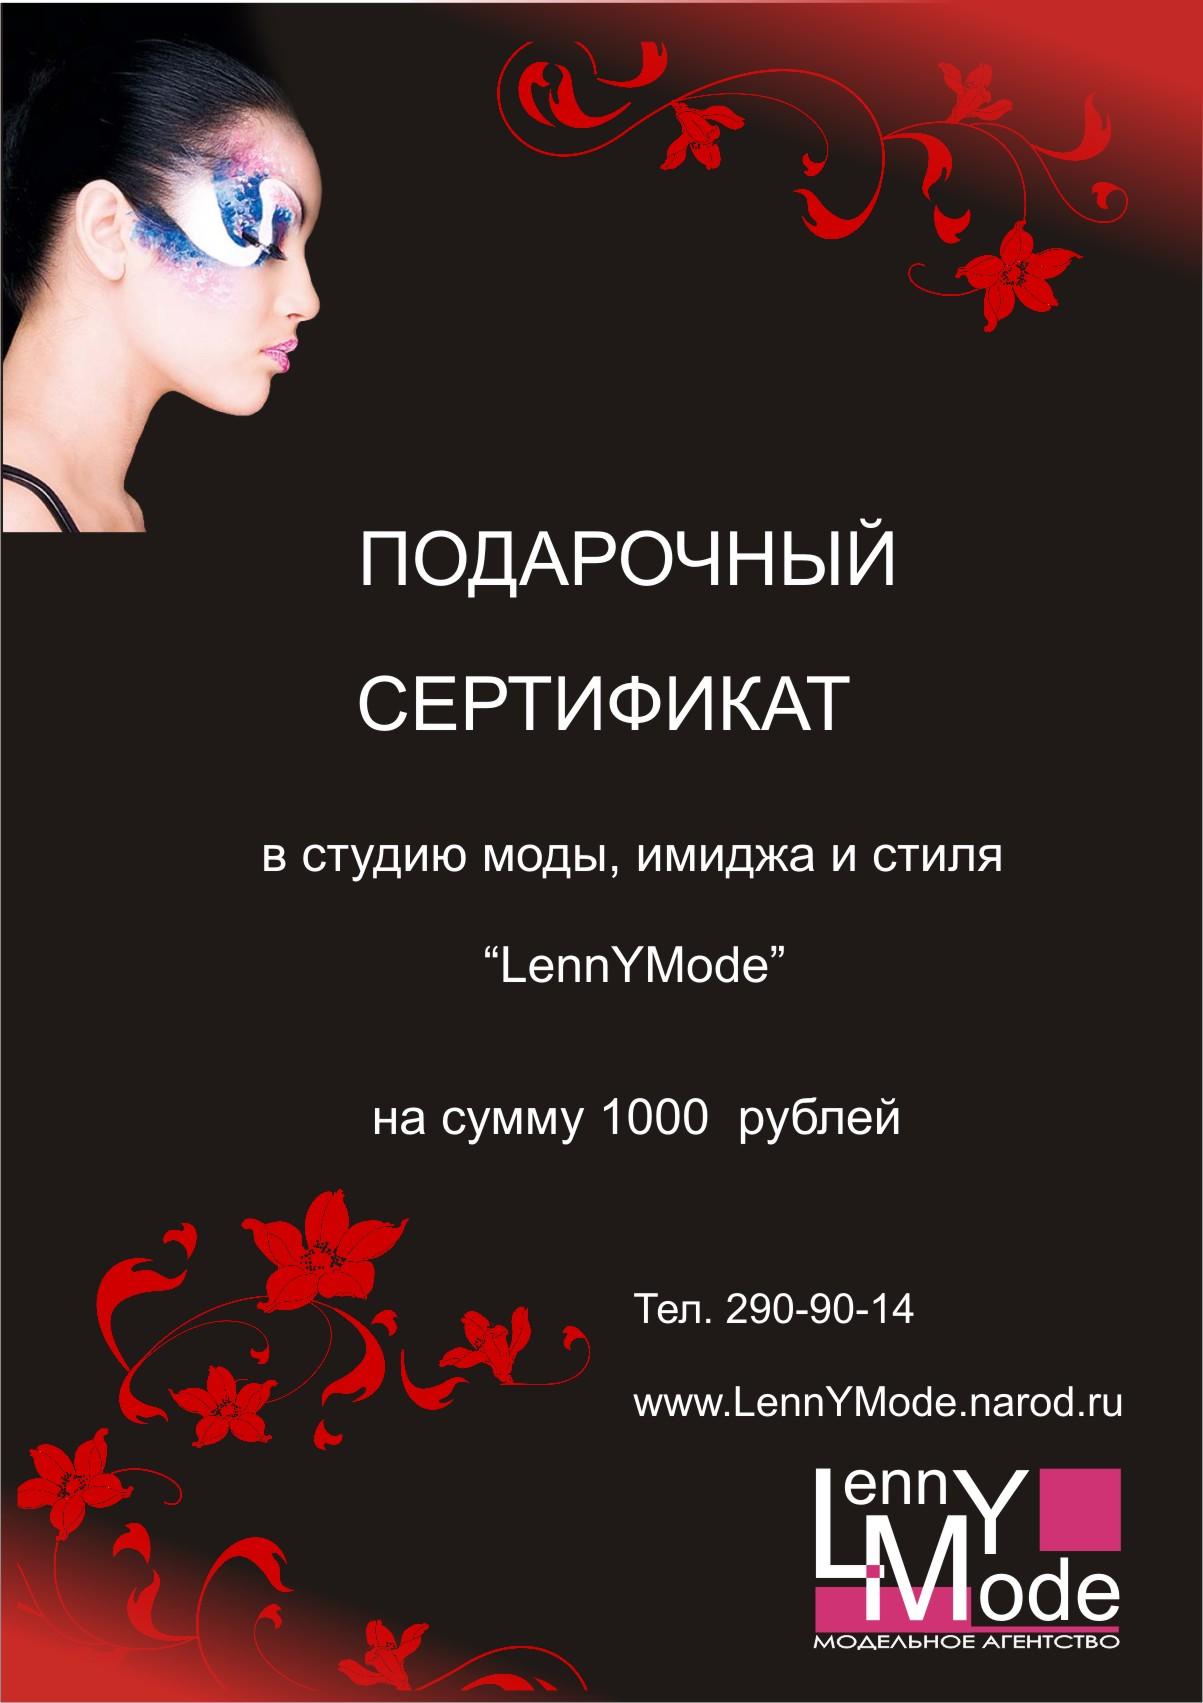 Подарочный сертификат шаблон макияж